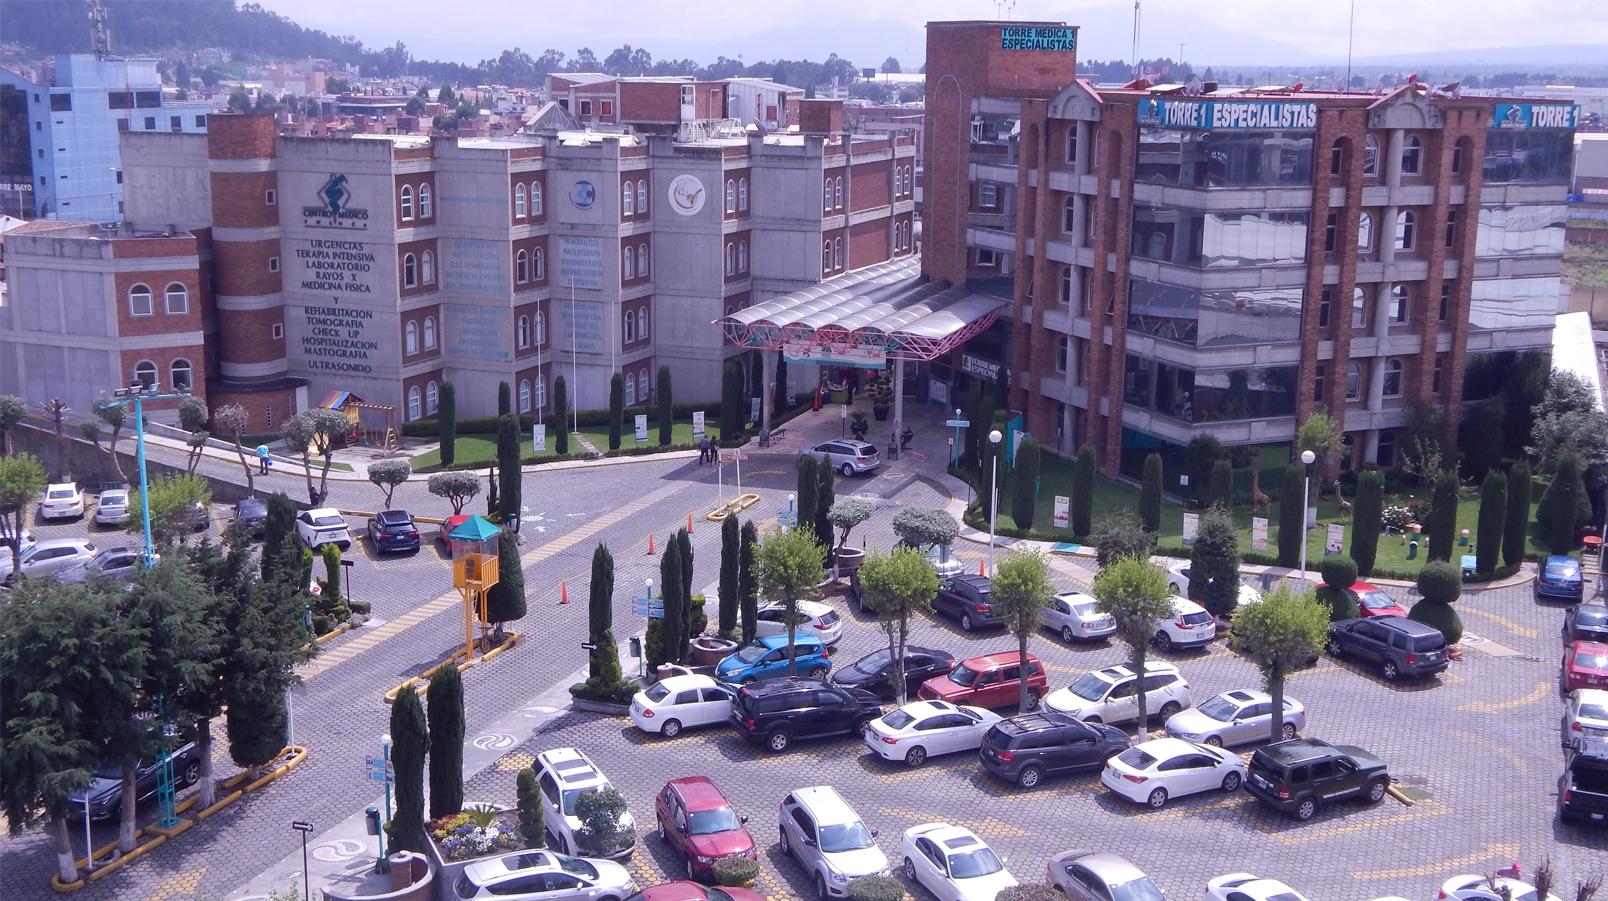 Nosotros Centro Medico de Toluca